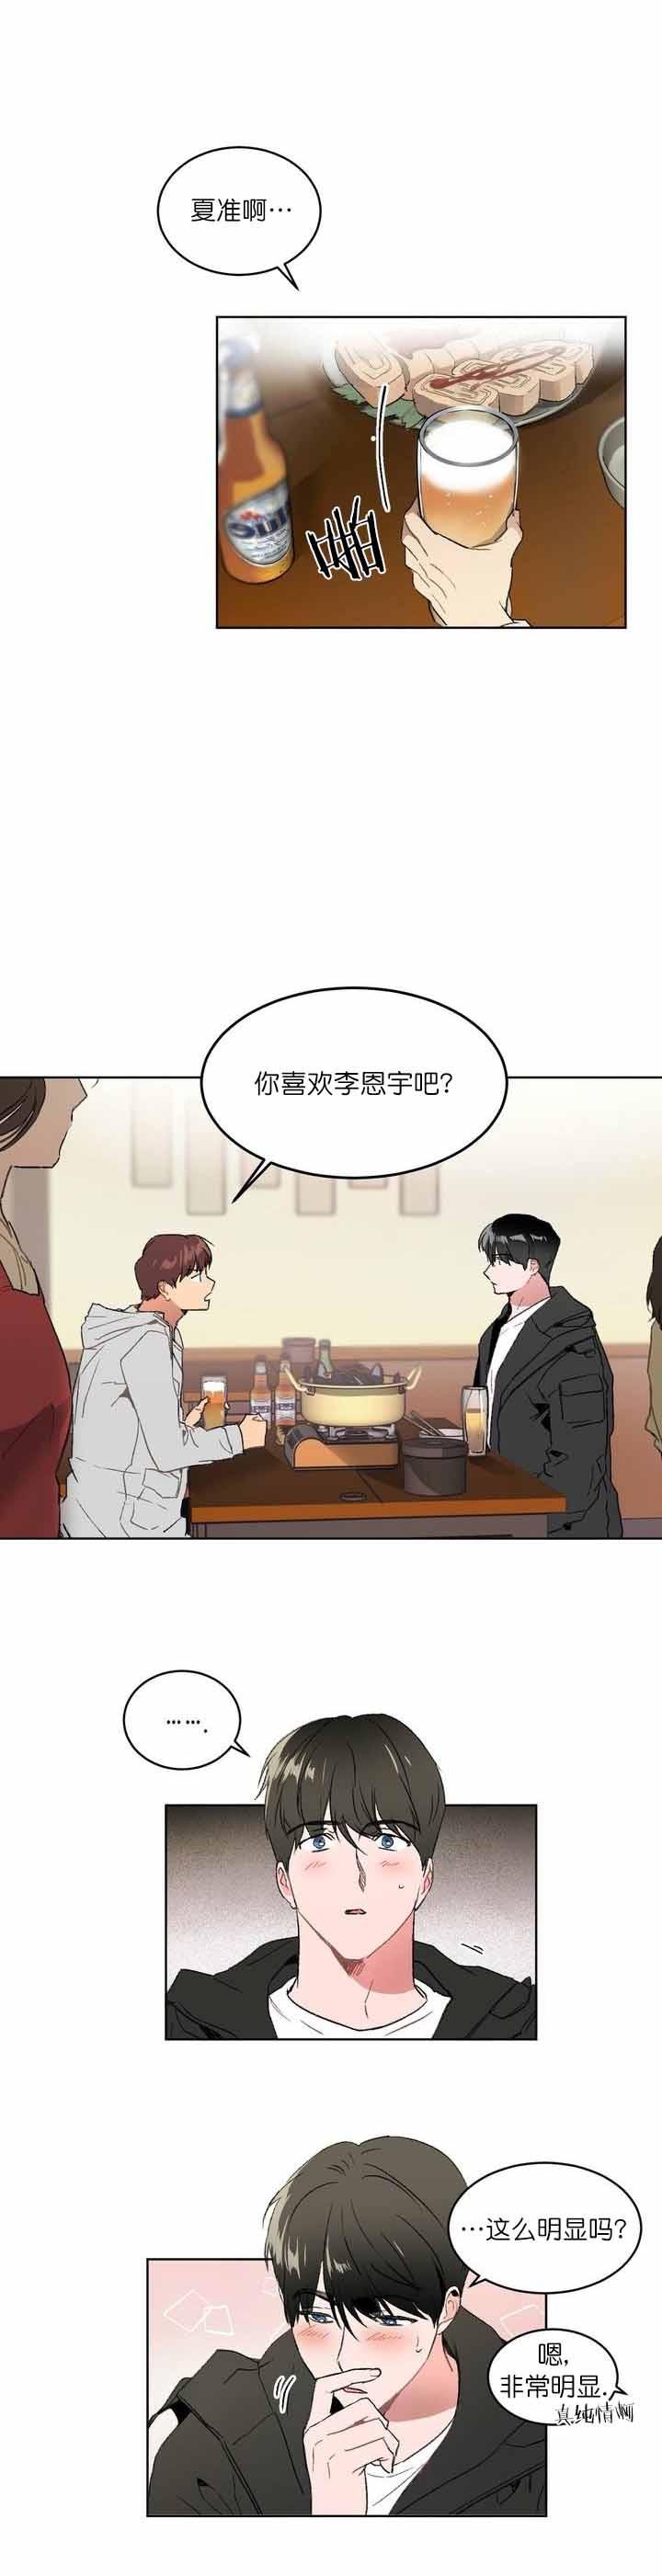 韩漫  《特别讲义》表面清纯师生,背地里叫主人  第4张